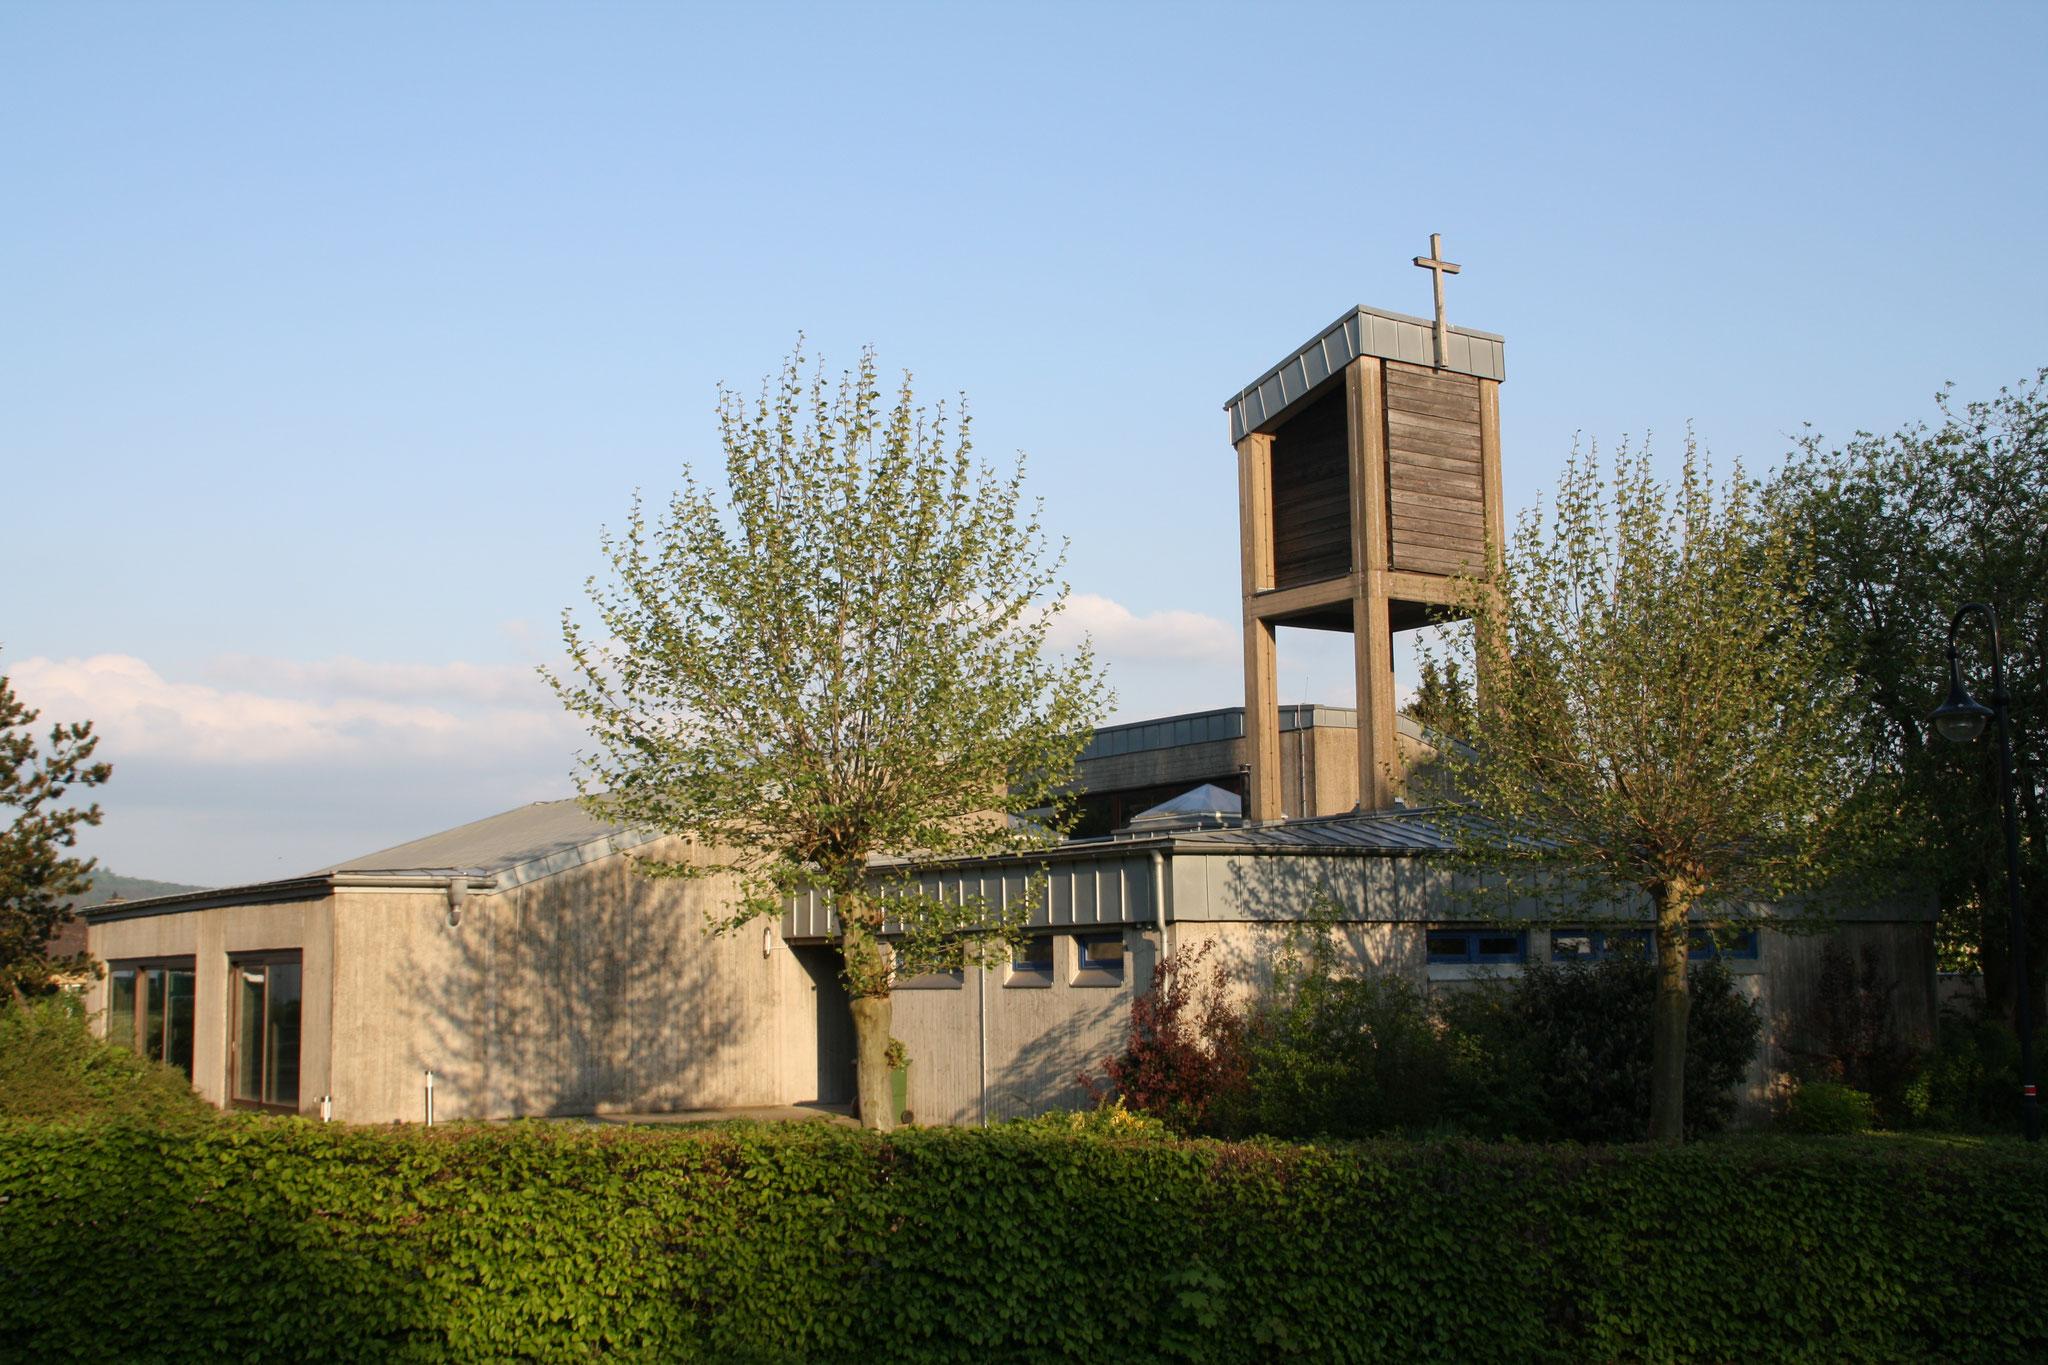 Kirche Niederweimar, Bildquelle: ev. Kirchengemeinde Niederweimar